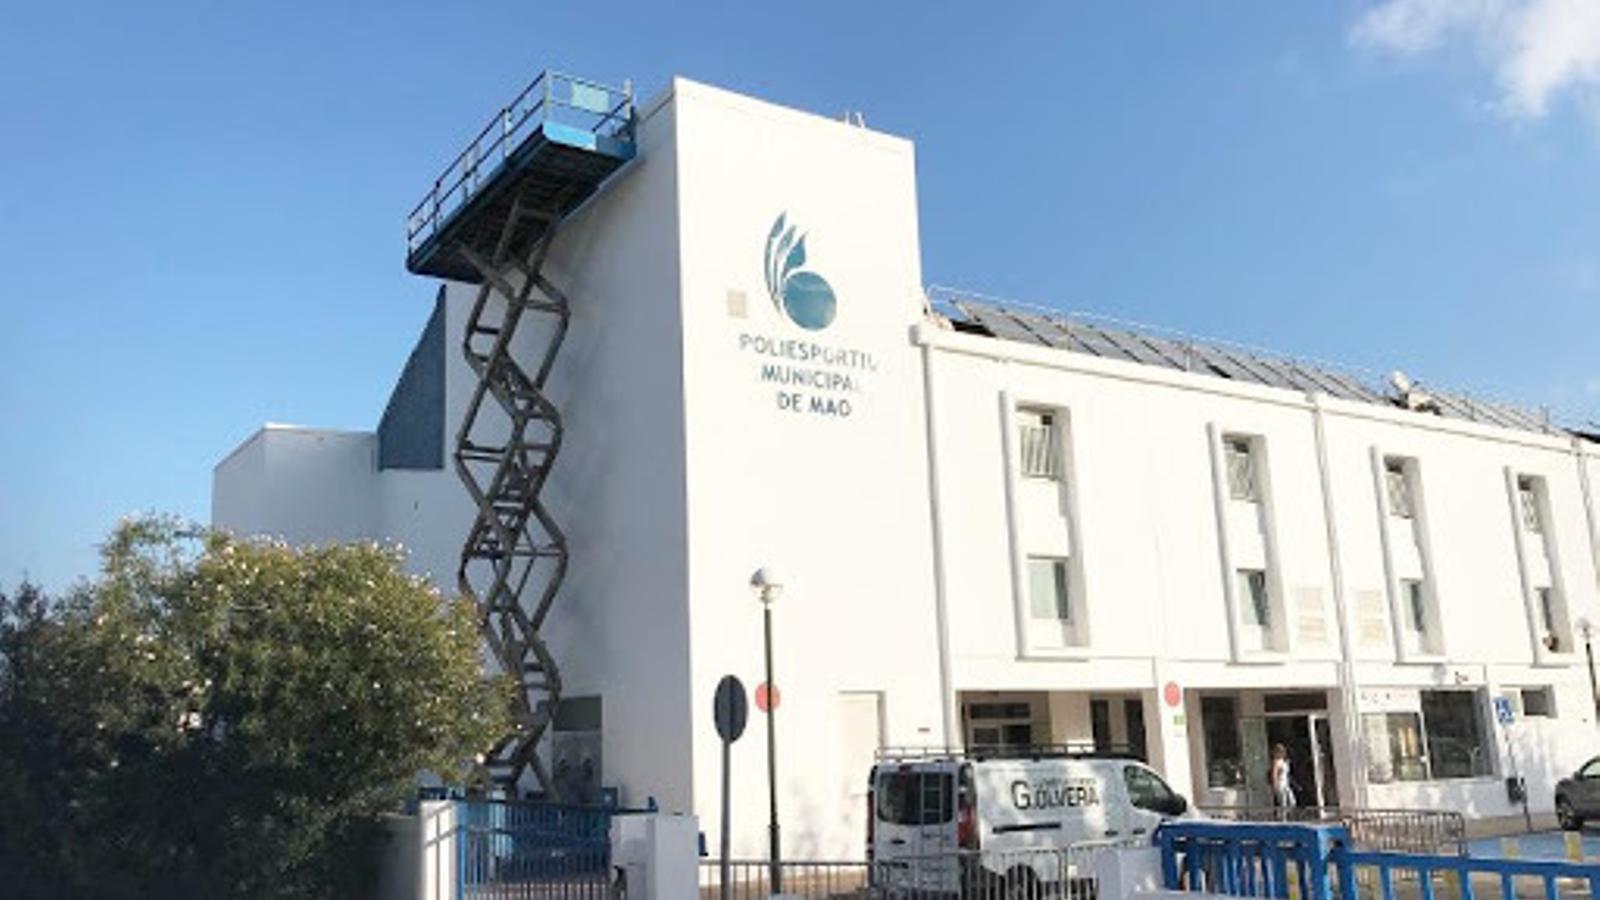 L'Ajuntament de Maó i el Consell de Menorca s'han coordinat per preparar la instal·lació en la lluita contra el coronavirus.